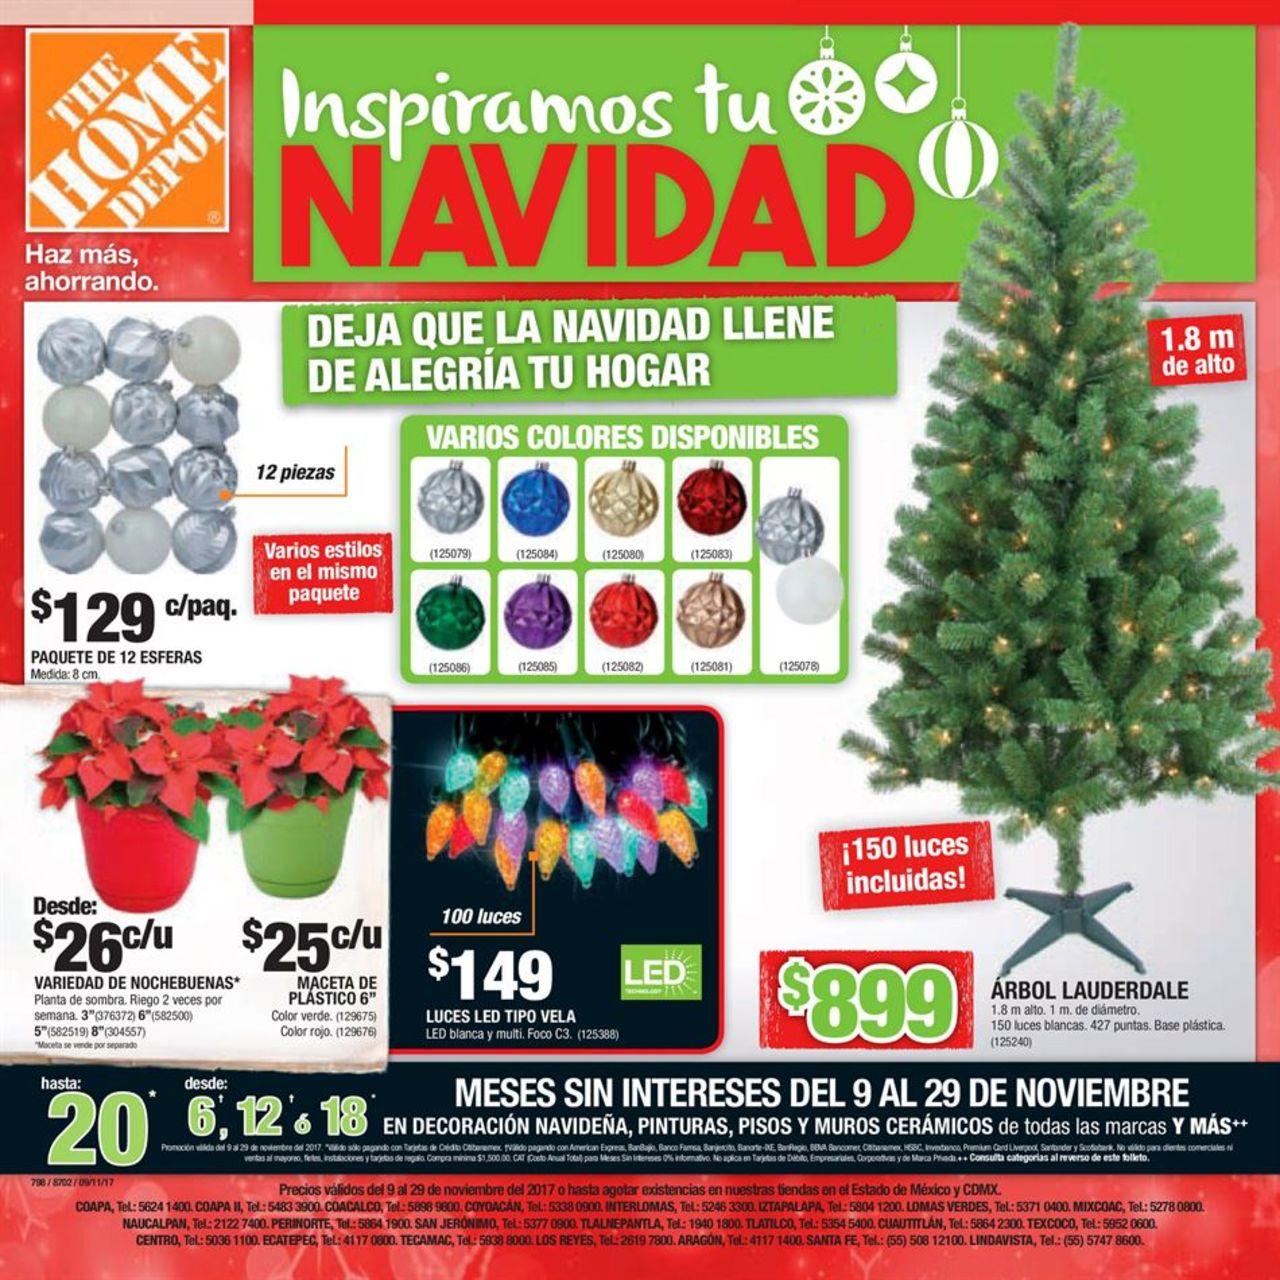 inspiremos tu navidad 2018 catalogo de the home depot (2)